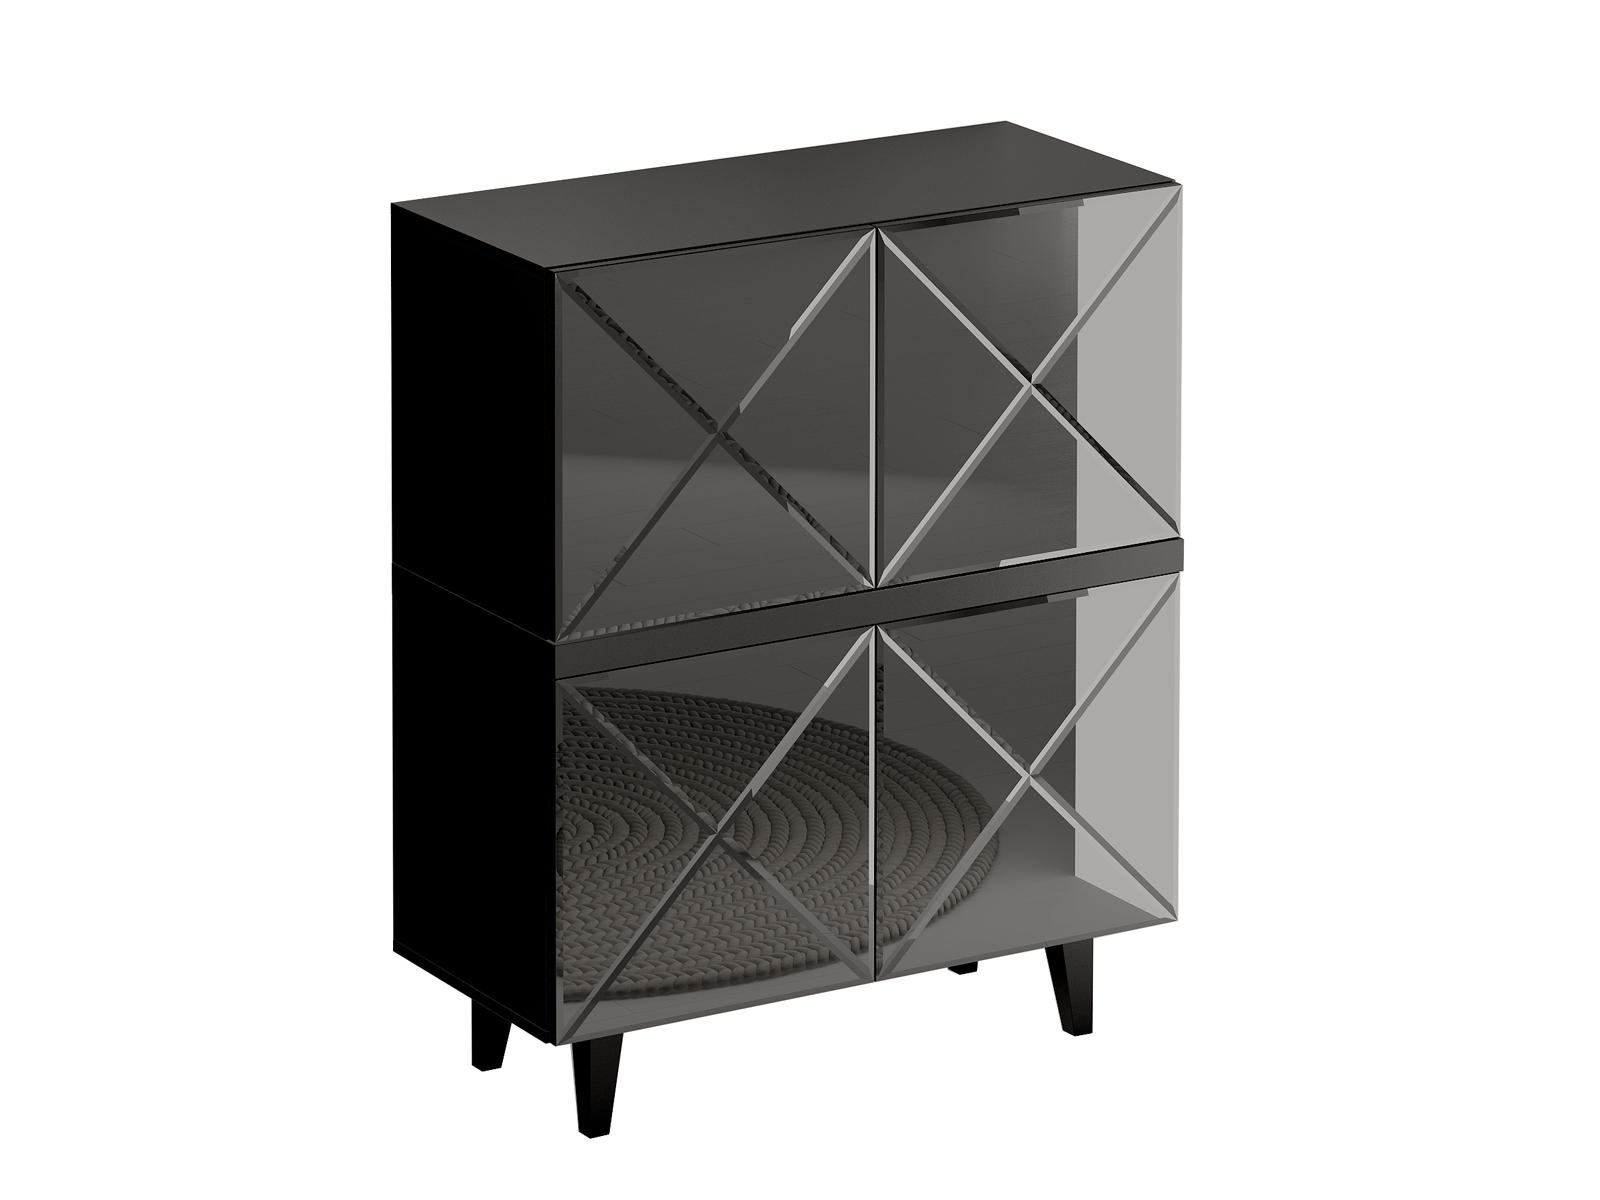 Шкаф KristalБельевые шкафы<br>Шкаф комбинированный для гостиной.&amp;amp;nbsp;&amp;lt;div&amp;gt;Дверцы открываются по принципу «нажал - открыл».&amp;lt;/div&amp;gt;&amp;lt;div&amp;gt;Фасад - стекло черное.&amp;amp;nbsp;&amp;lt;/div&amp;gt;<br><br>Material: ДСП<br>Ширина см: 96<br>Высота см: 117<br>Глубина см: 44